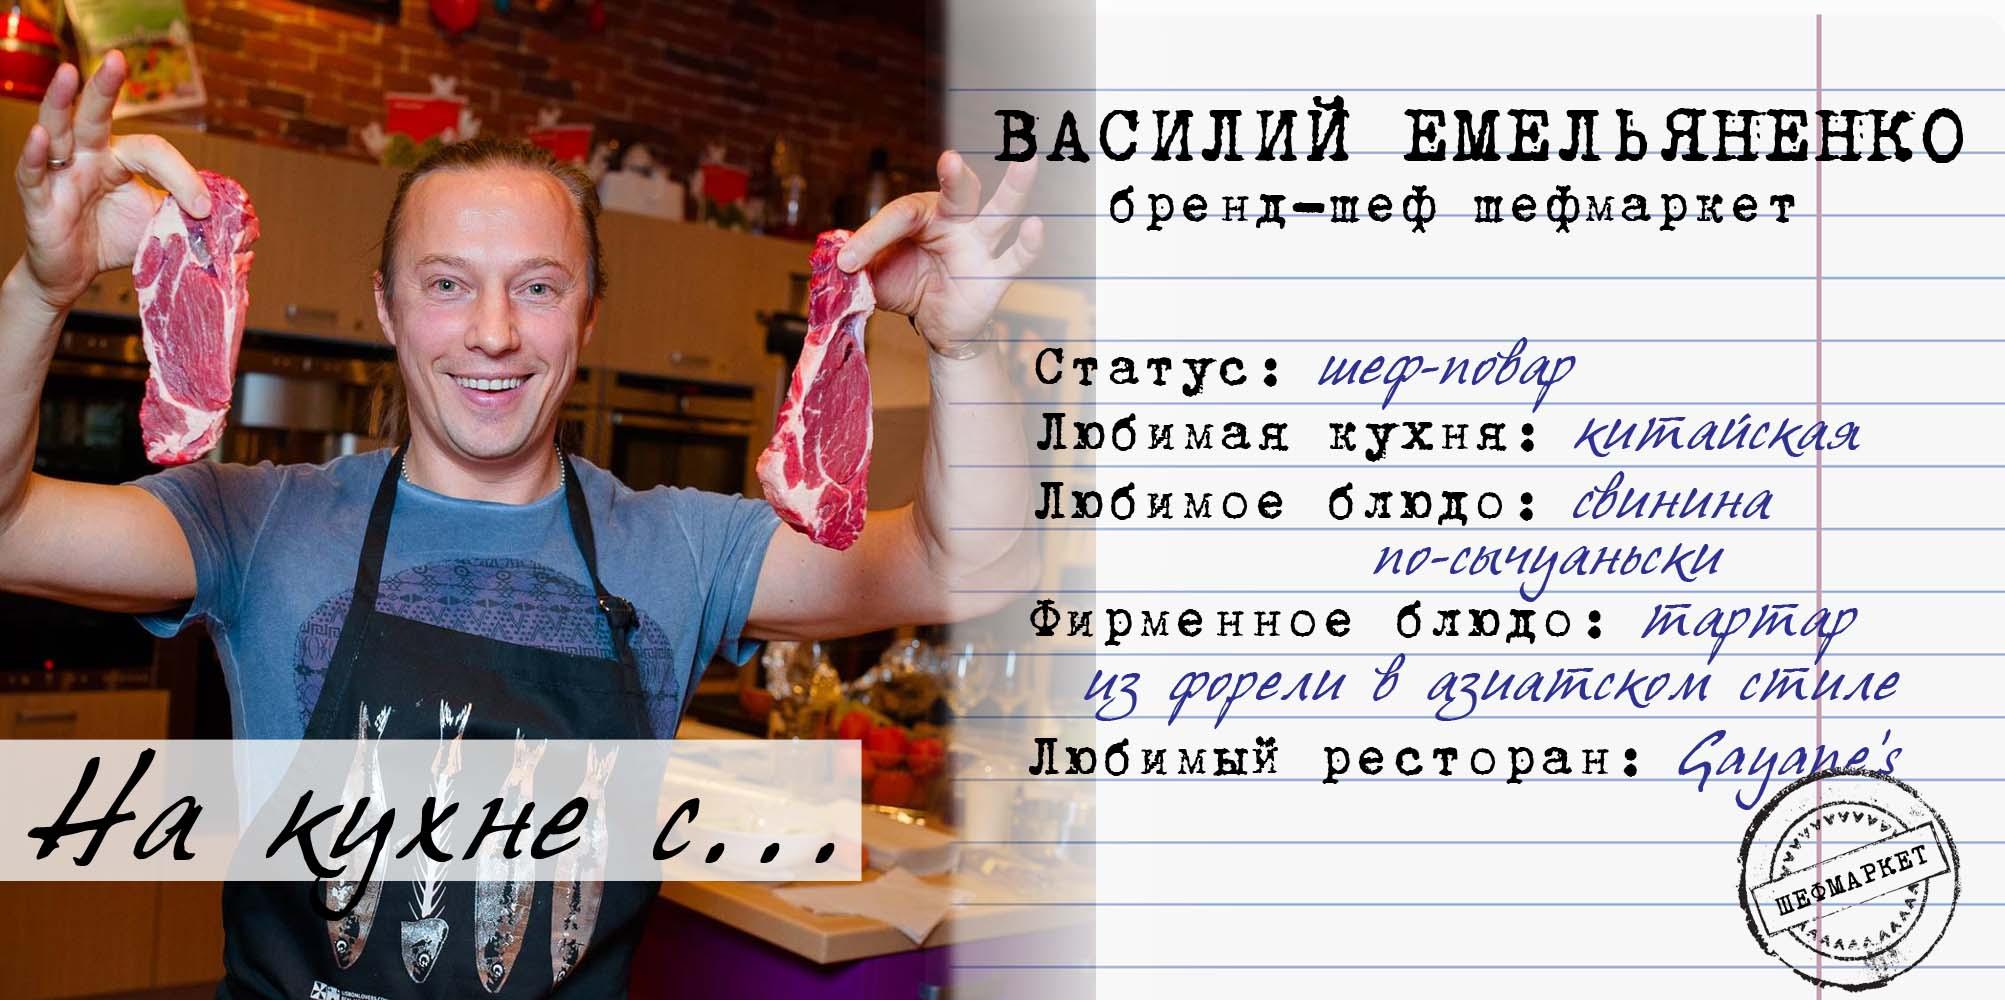 На кухне с Василием Емельяненко